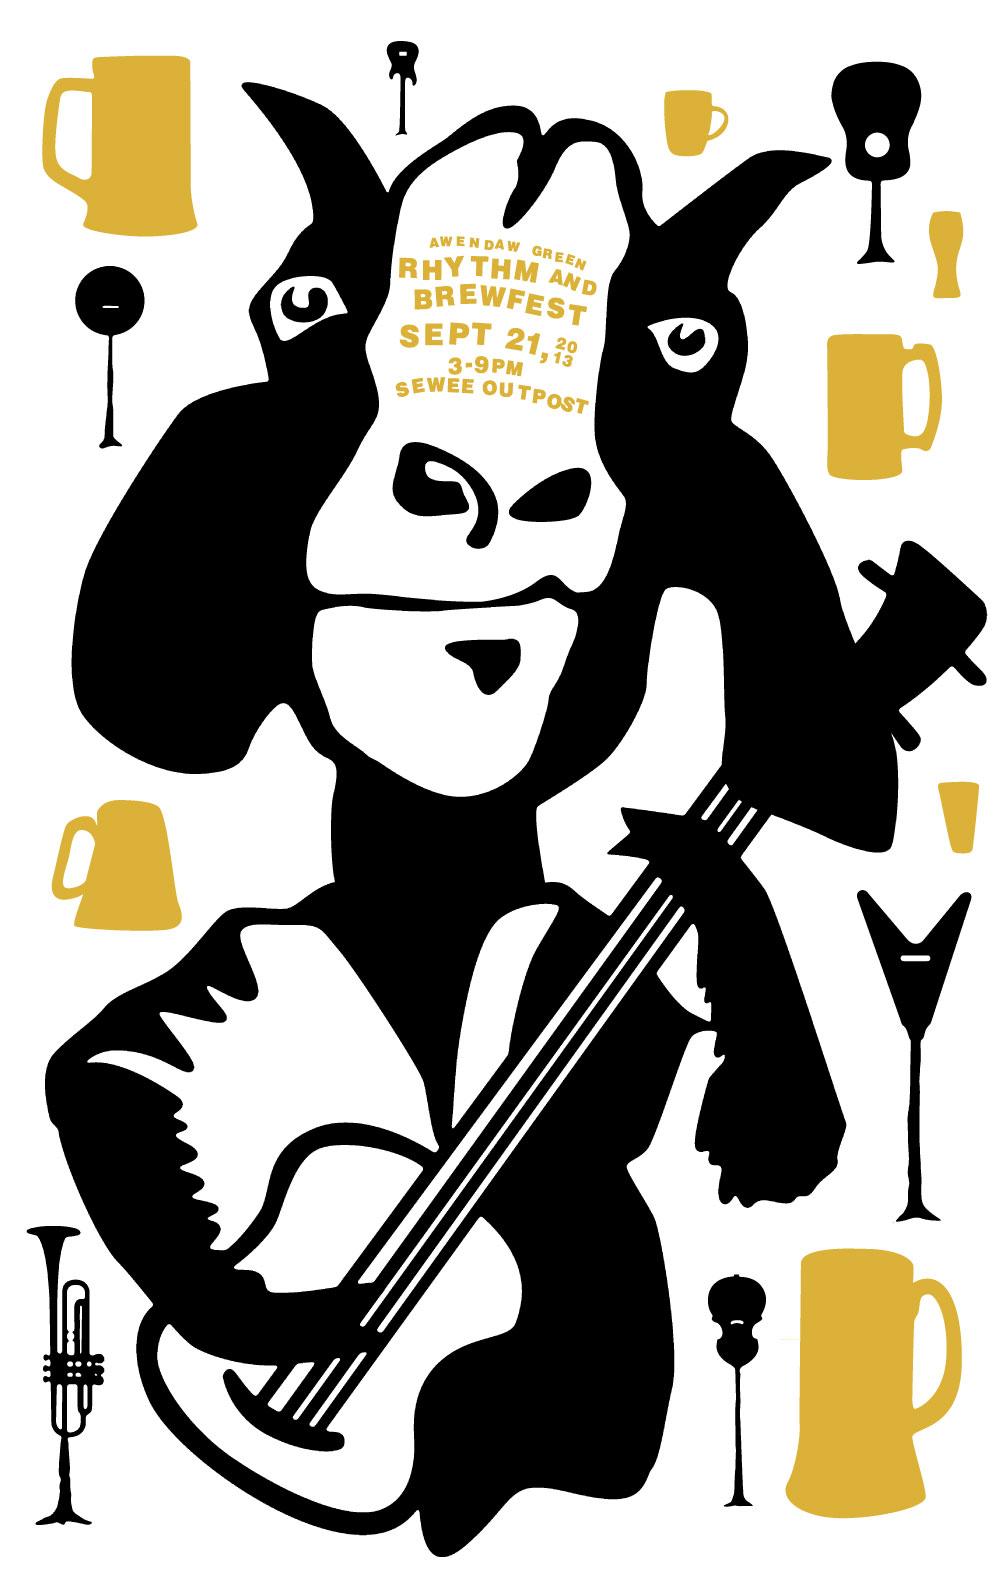 AG-Brewfest-full-goat-poster